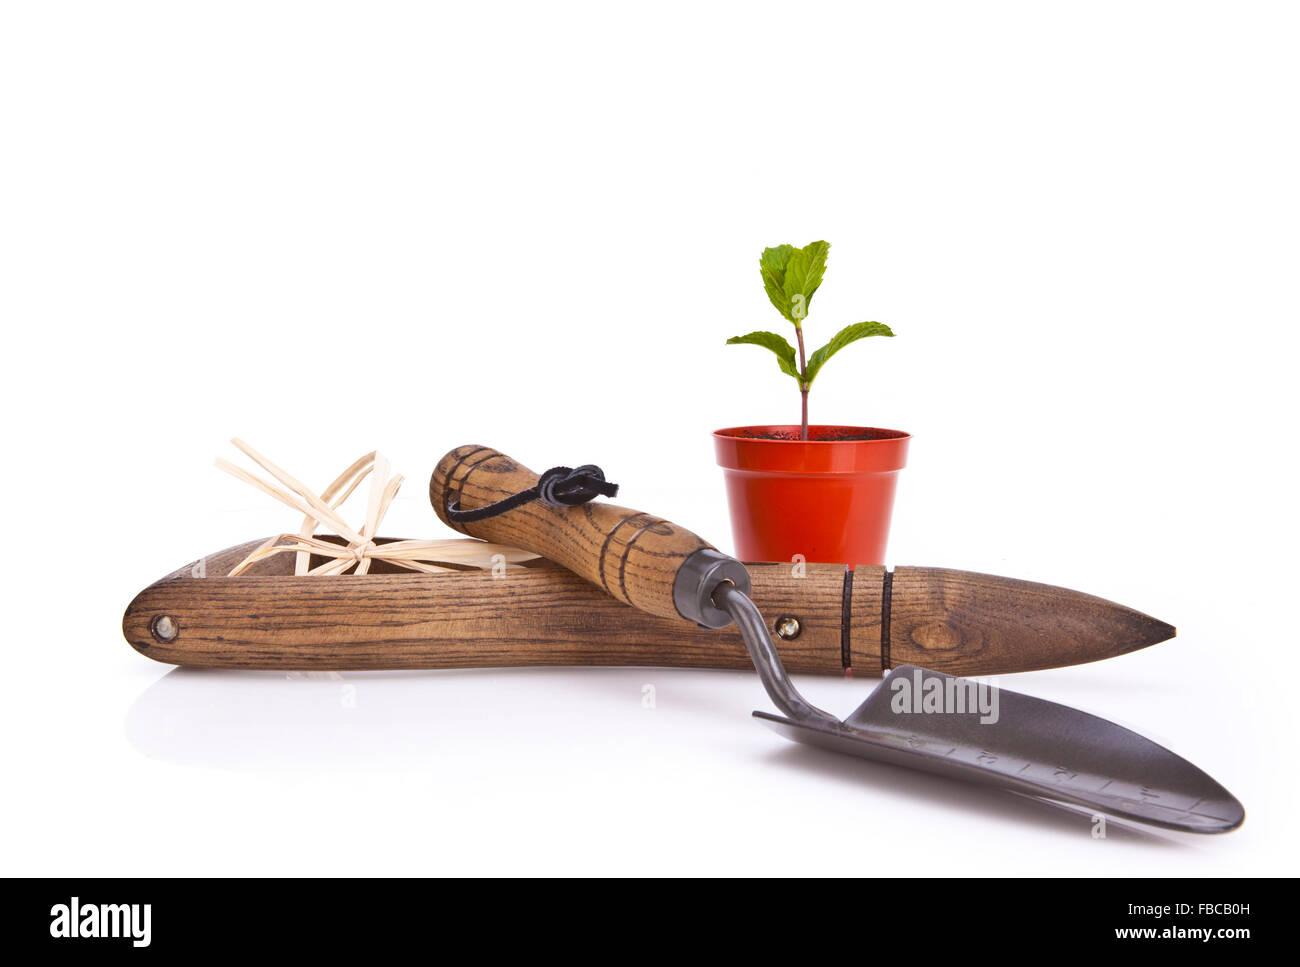 Gardening Tools und Blumentopf auf weißem Hintergrund Stockfoto